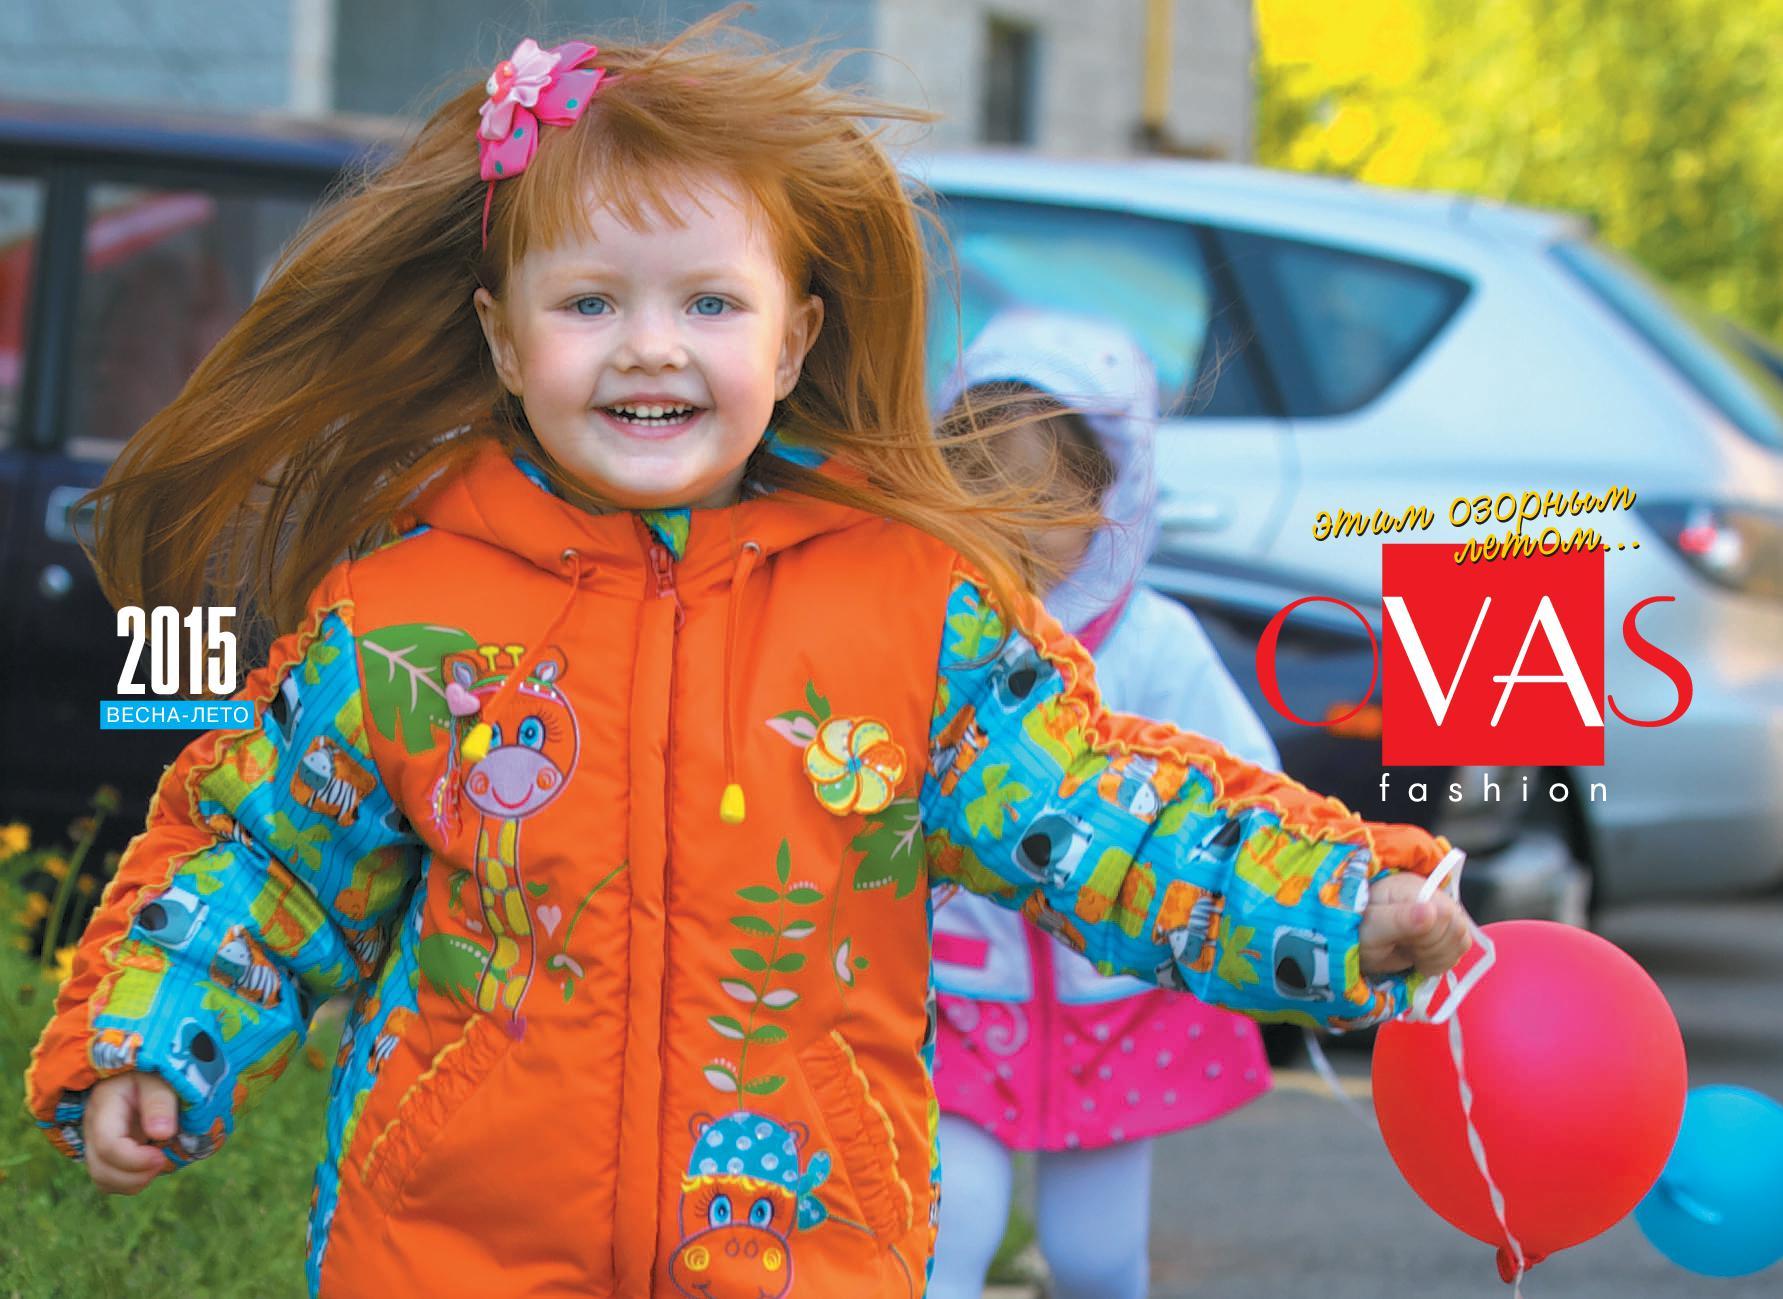 Сбор заказов. Современная, модная детская одежда Овас-17, а также спортивные костюмы, джинсы. Весна 2015г. Новая